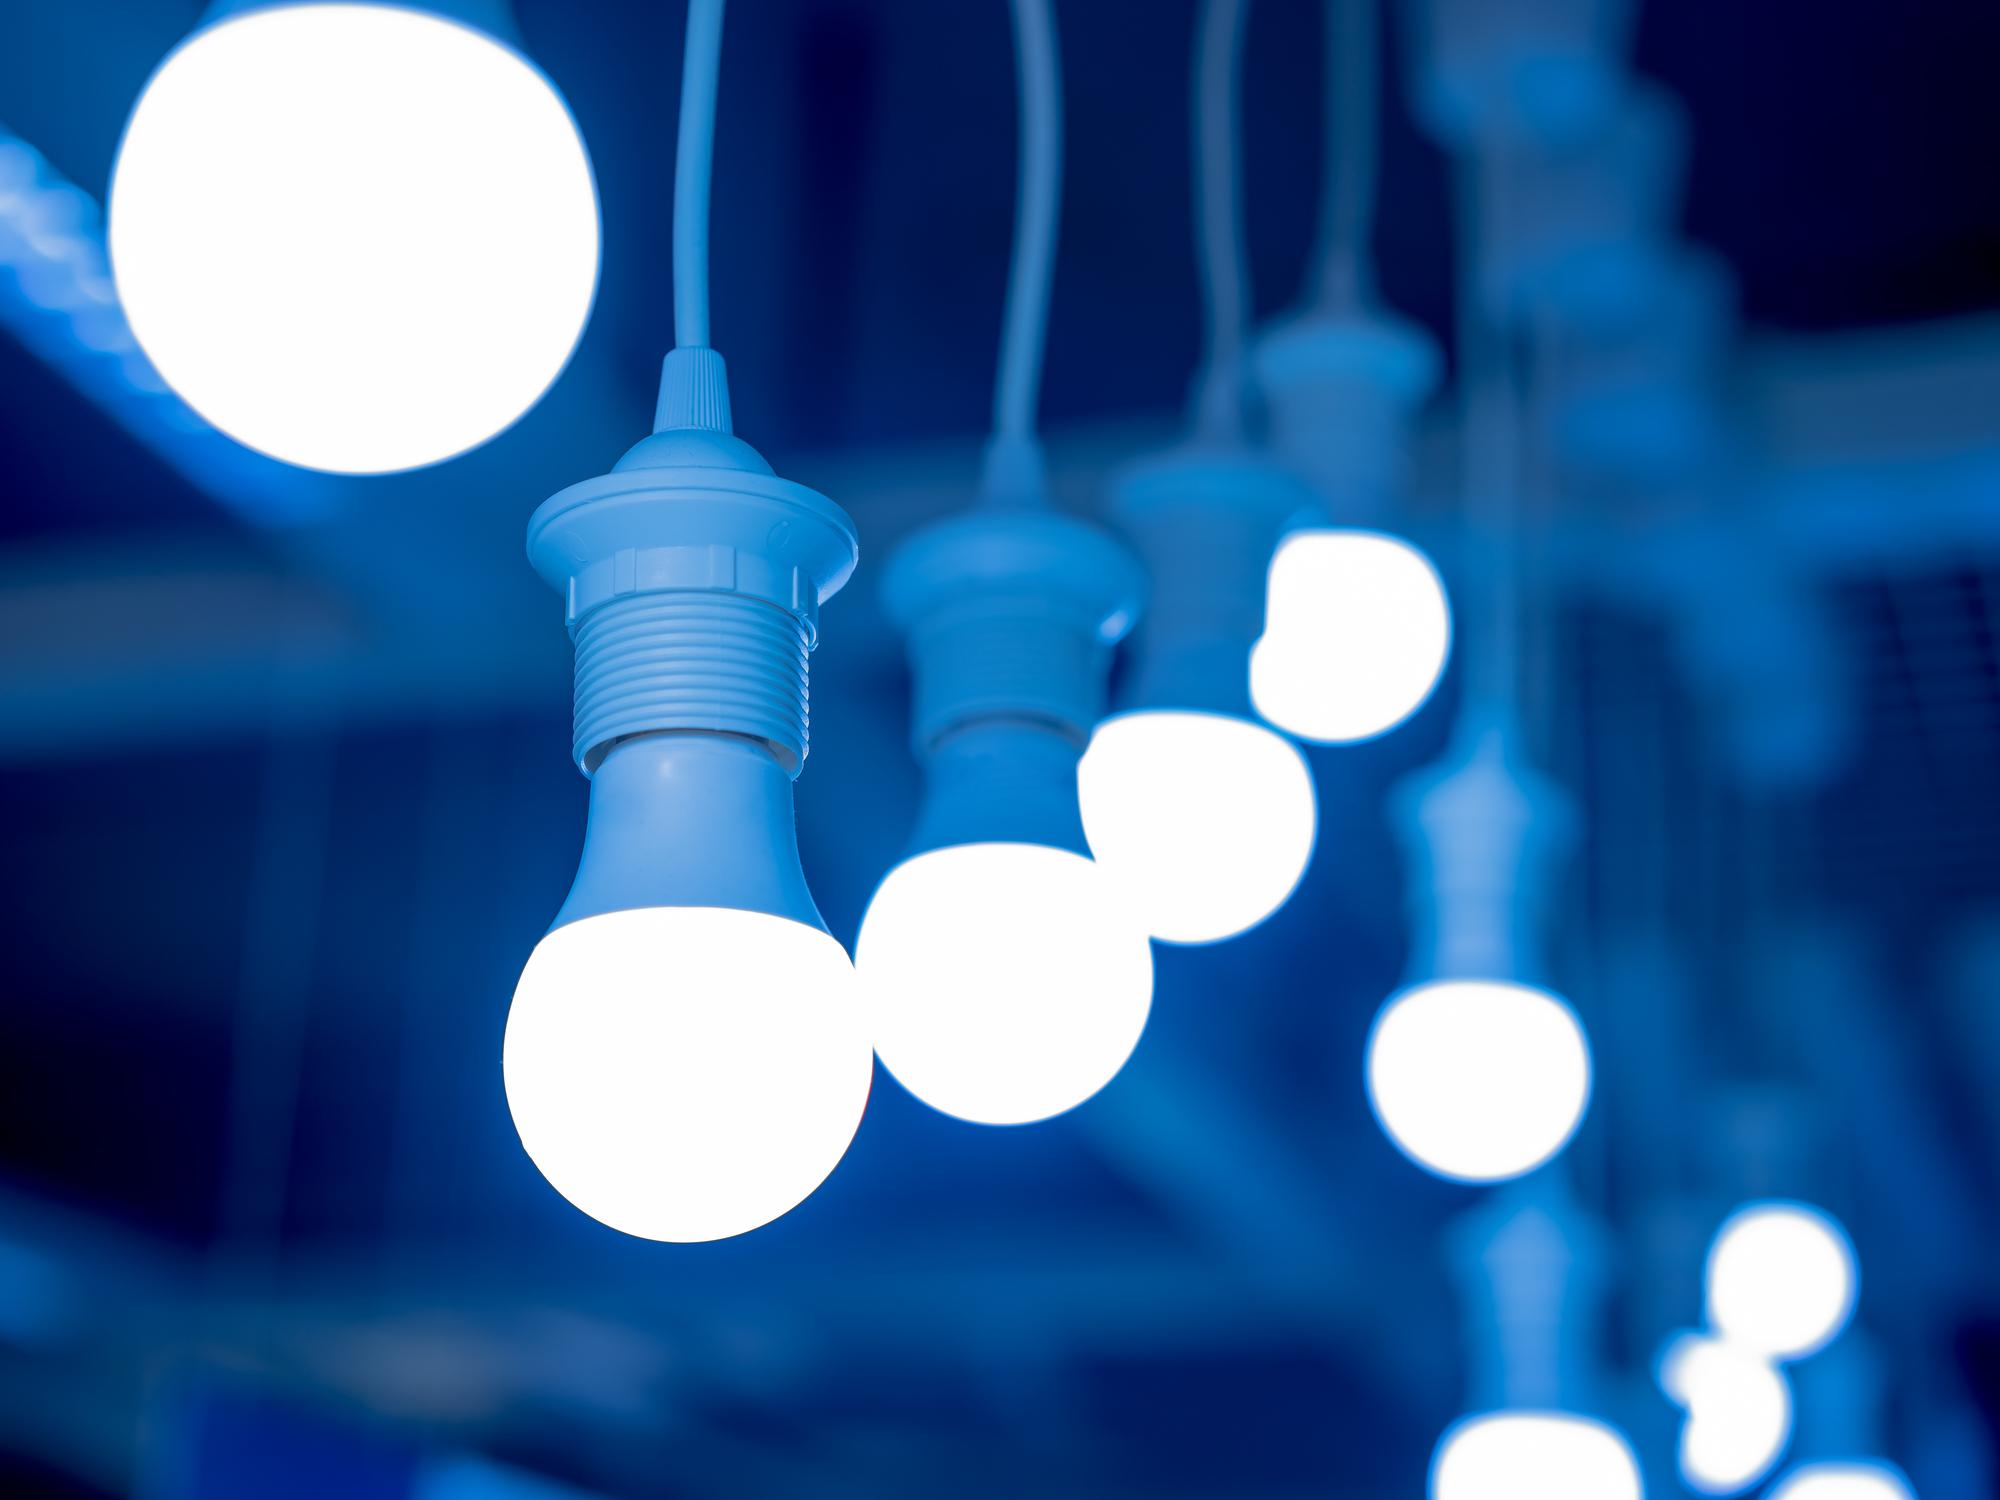 String of LED light bulbs.